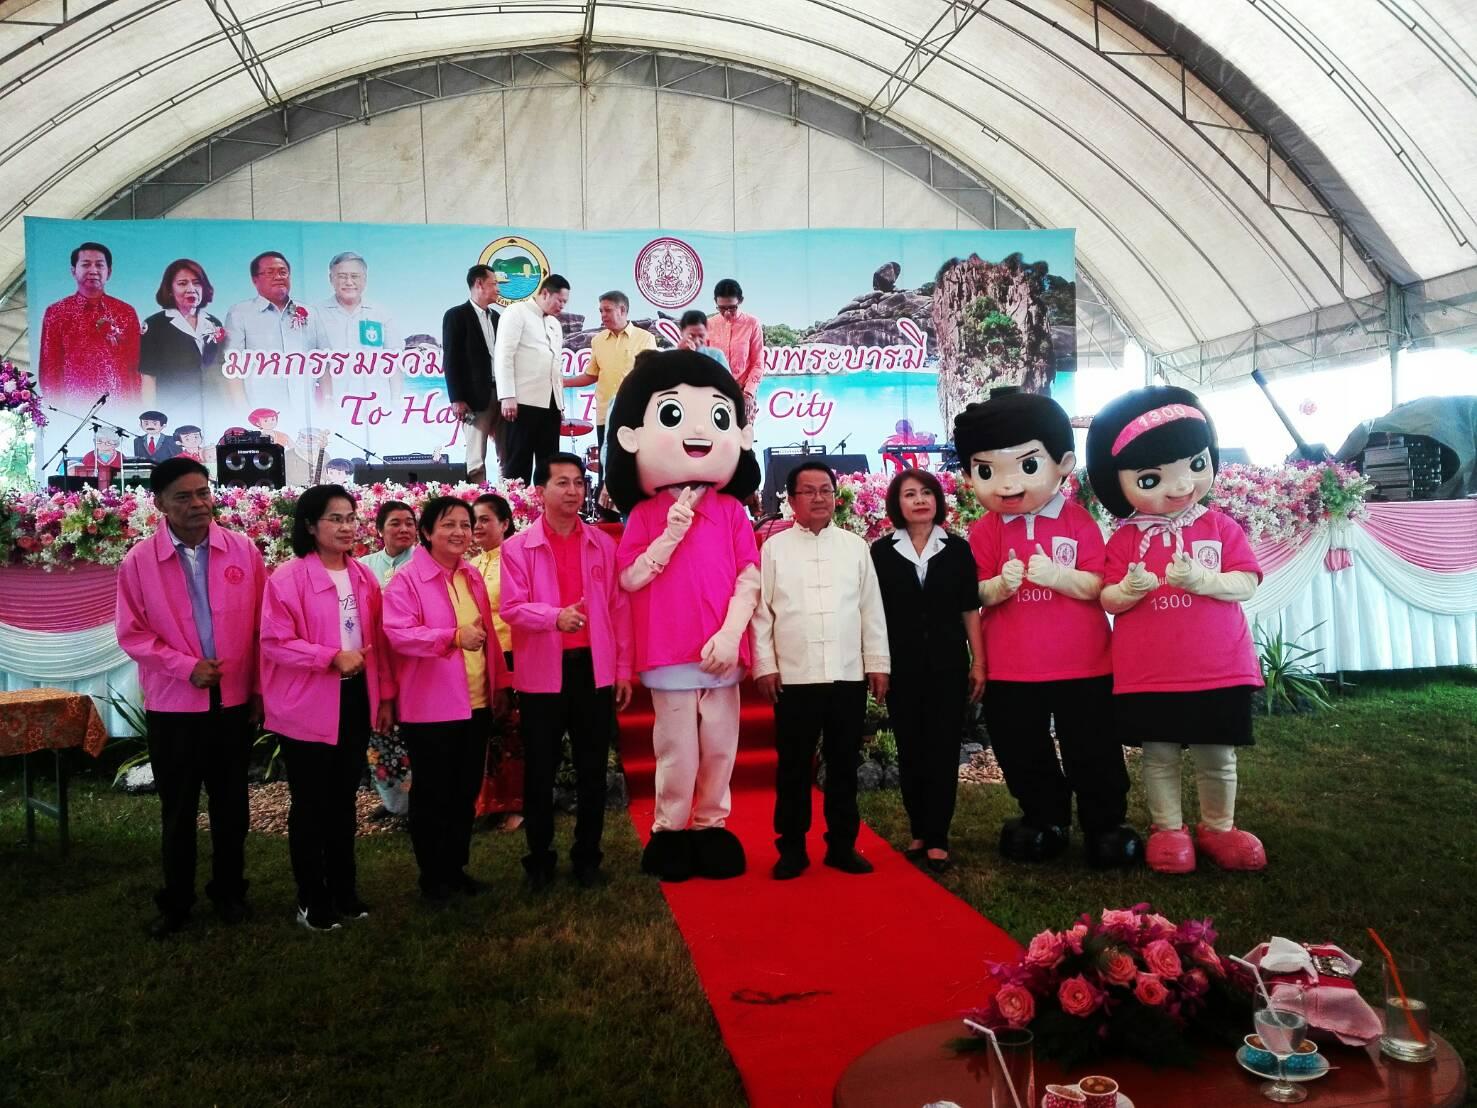 กิจกรรมมหกรรมรวมพลังทำคาวมดี ใต้ร่มพระบารมี To Happiness Phang-nga City